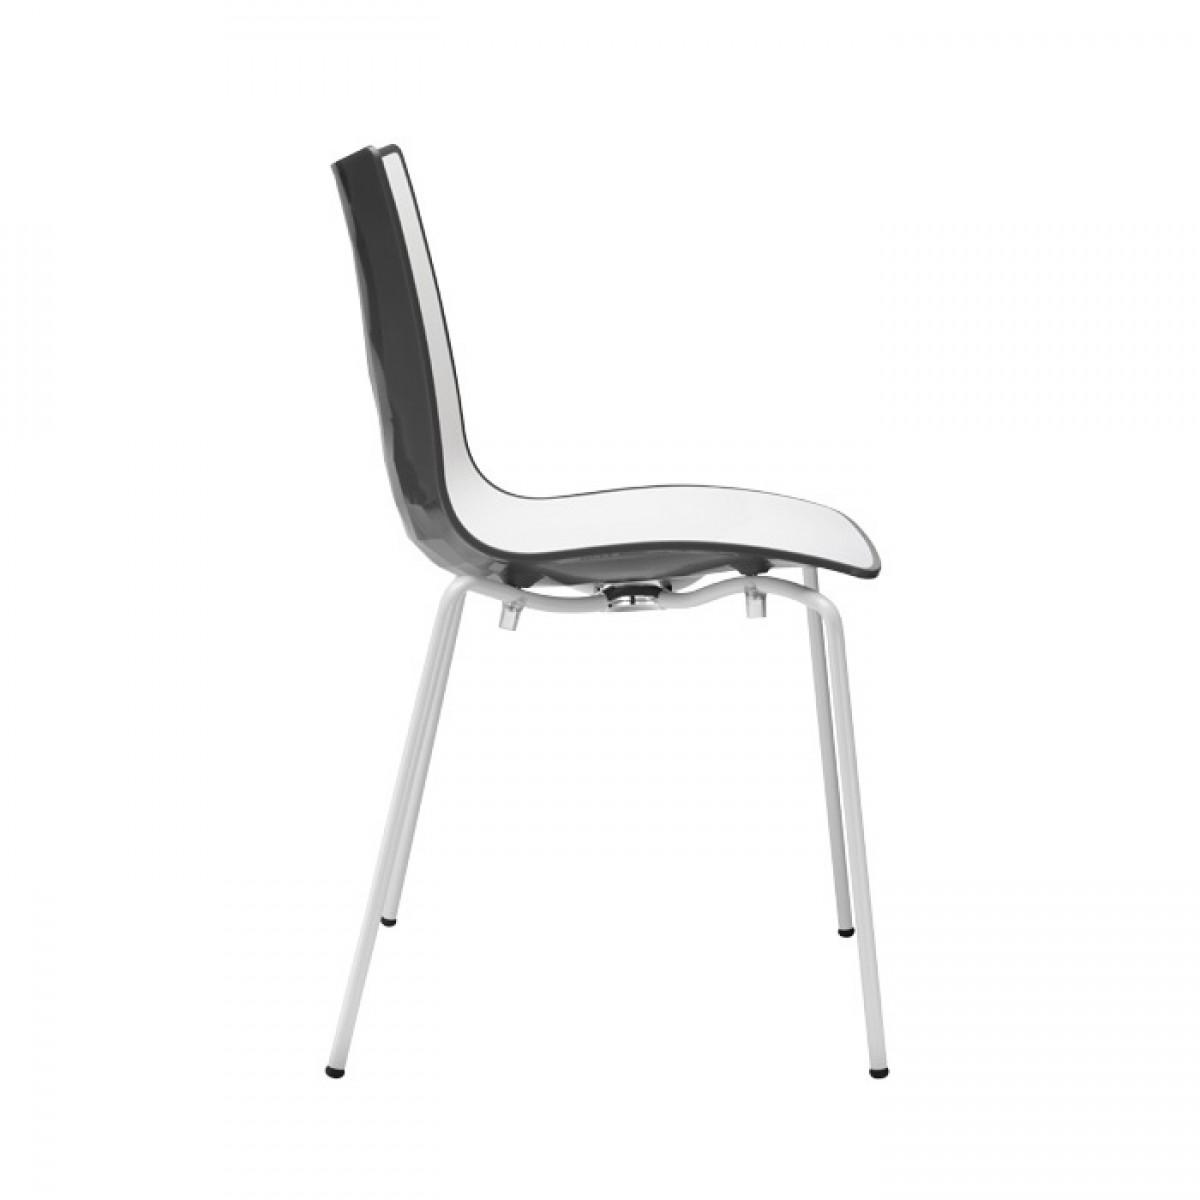 Sedie Bianche E Acciaio.Sedia Zebra Bicolore Scab Design